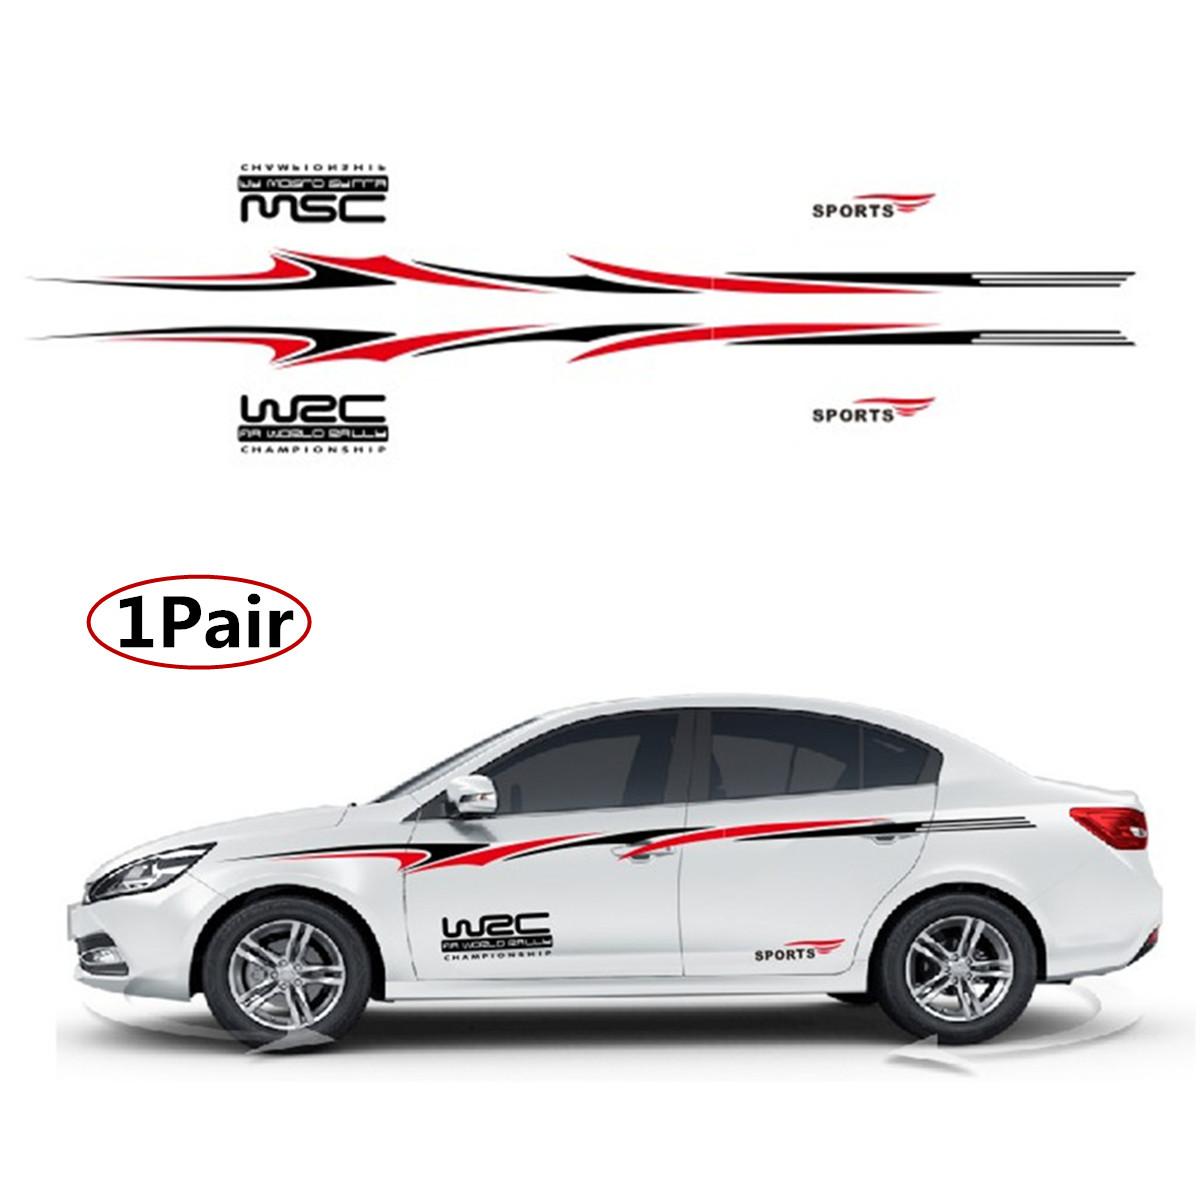 Universal Racing Stripe Graphic Sticker Auto Car Body Side Door Vinyl Decals DIY